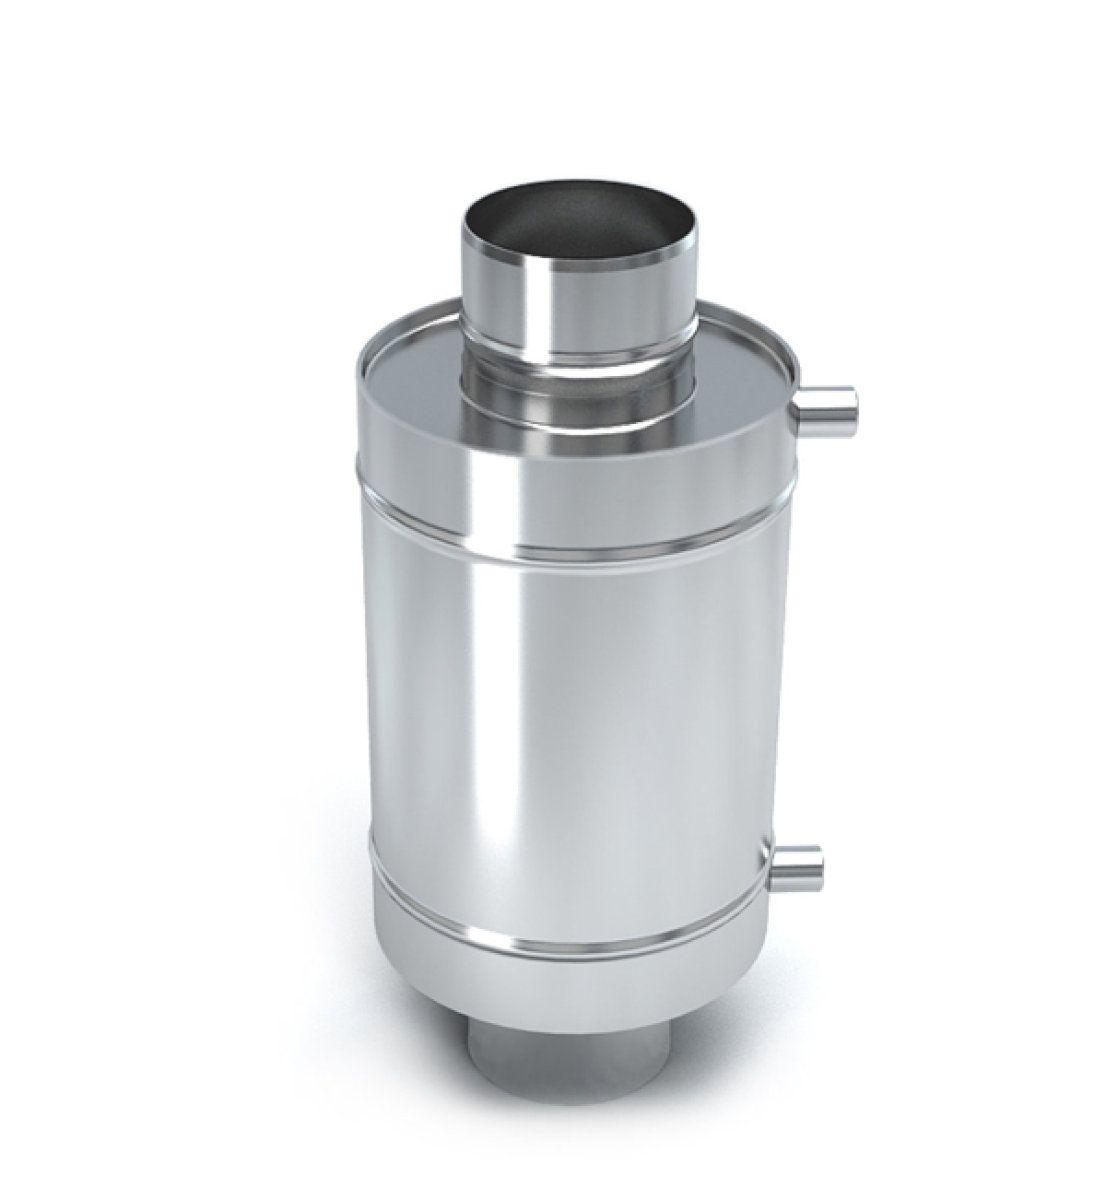 Регистр теплообменник для бани купить Уплотнения теплообменника Этра ЭТ-100 Махачкала